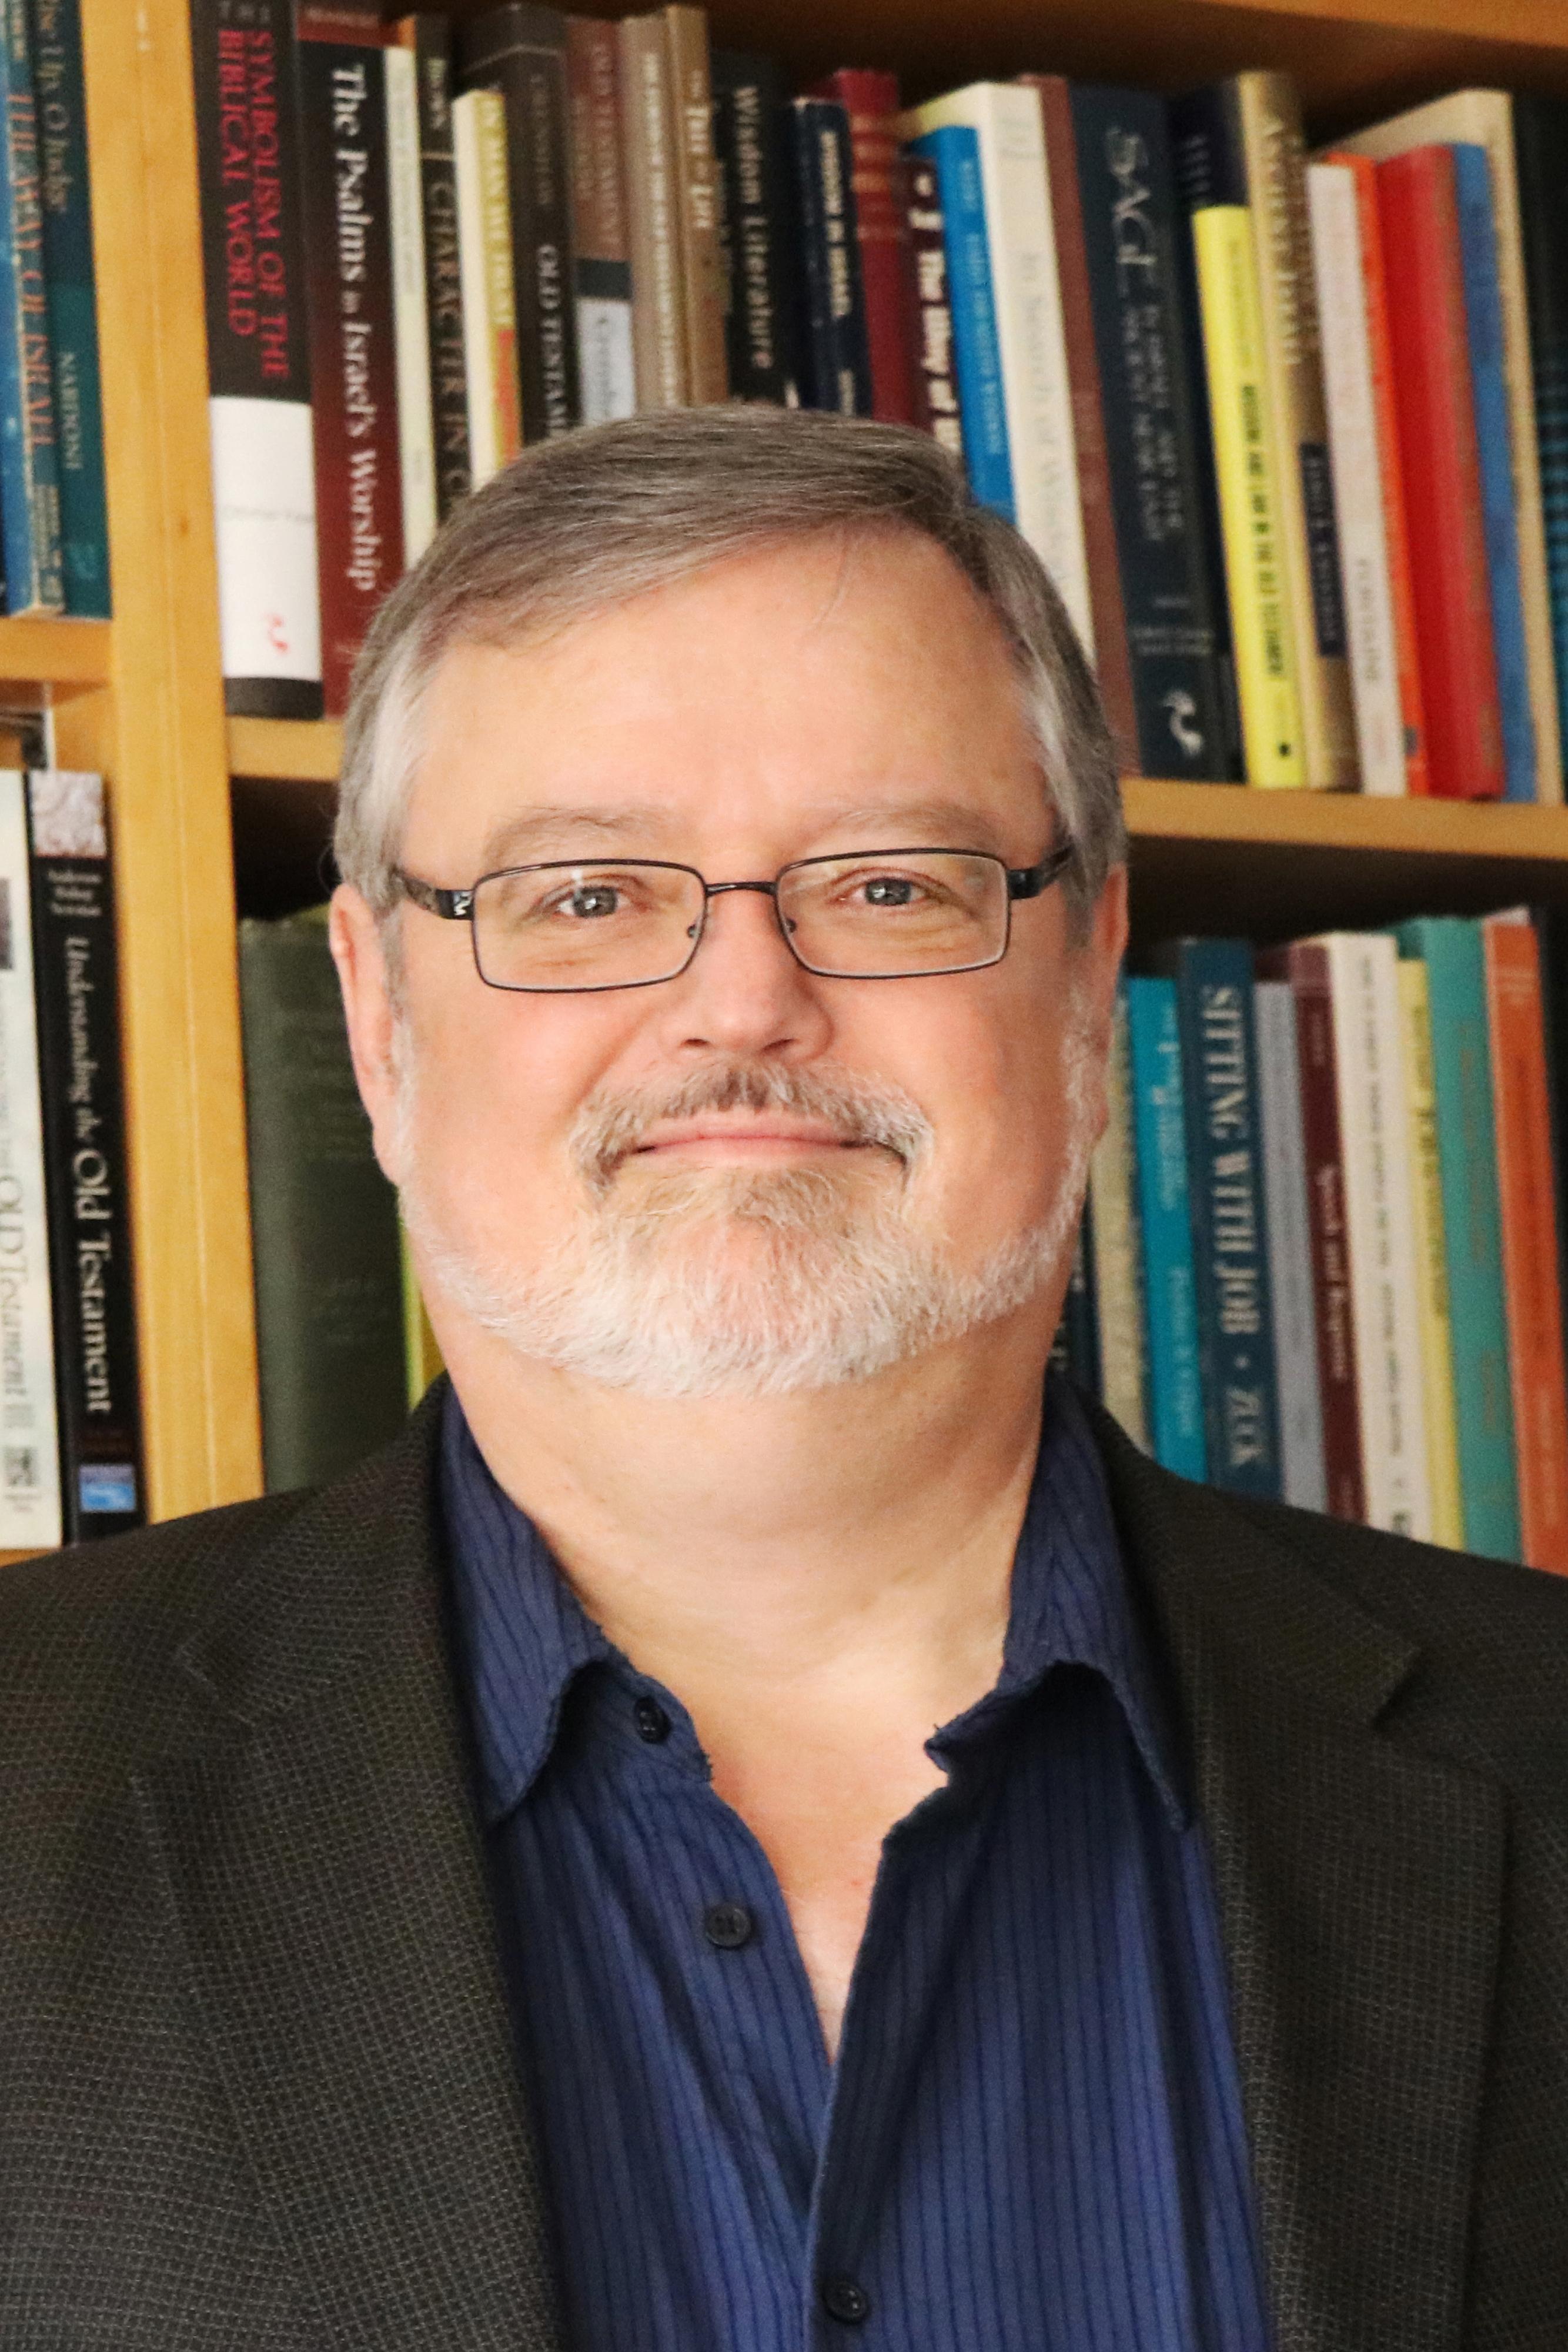 Dr. John L. McLaughlin